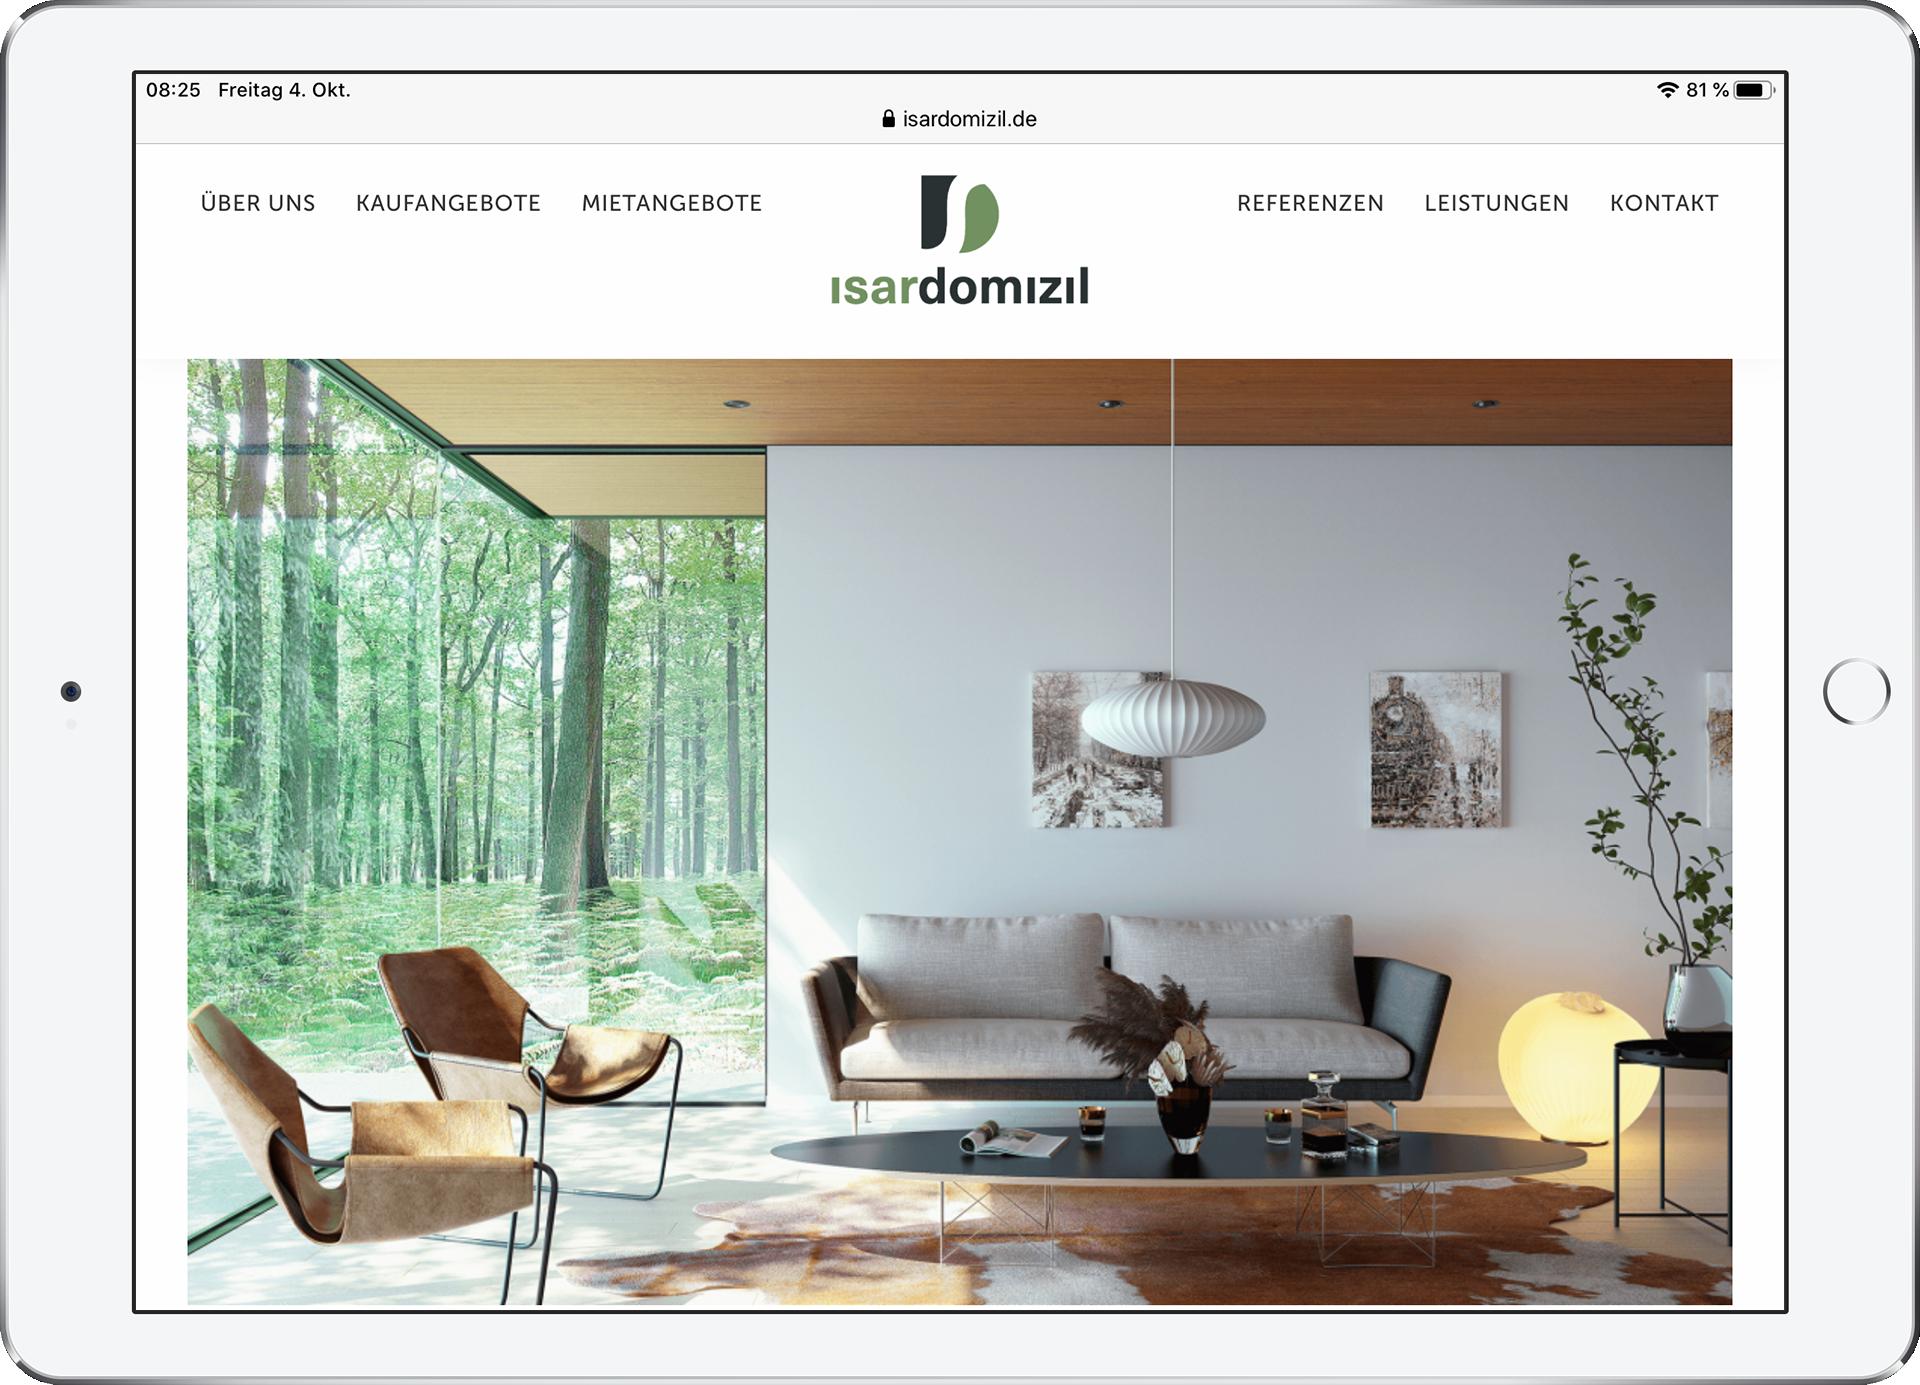 Arbeitsprobe: Webauftritt für isardomizil GmbH, Ebenhausen